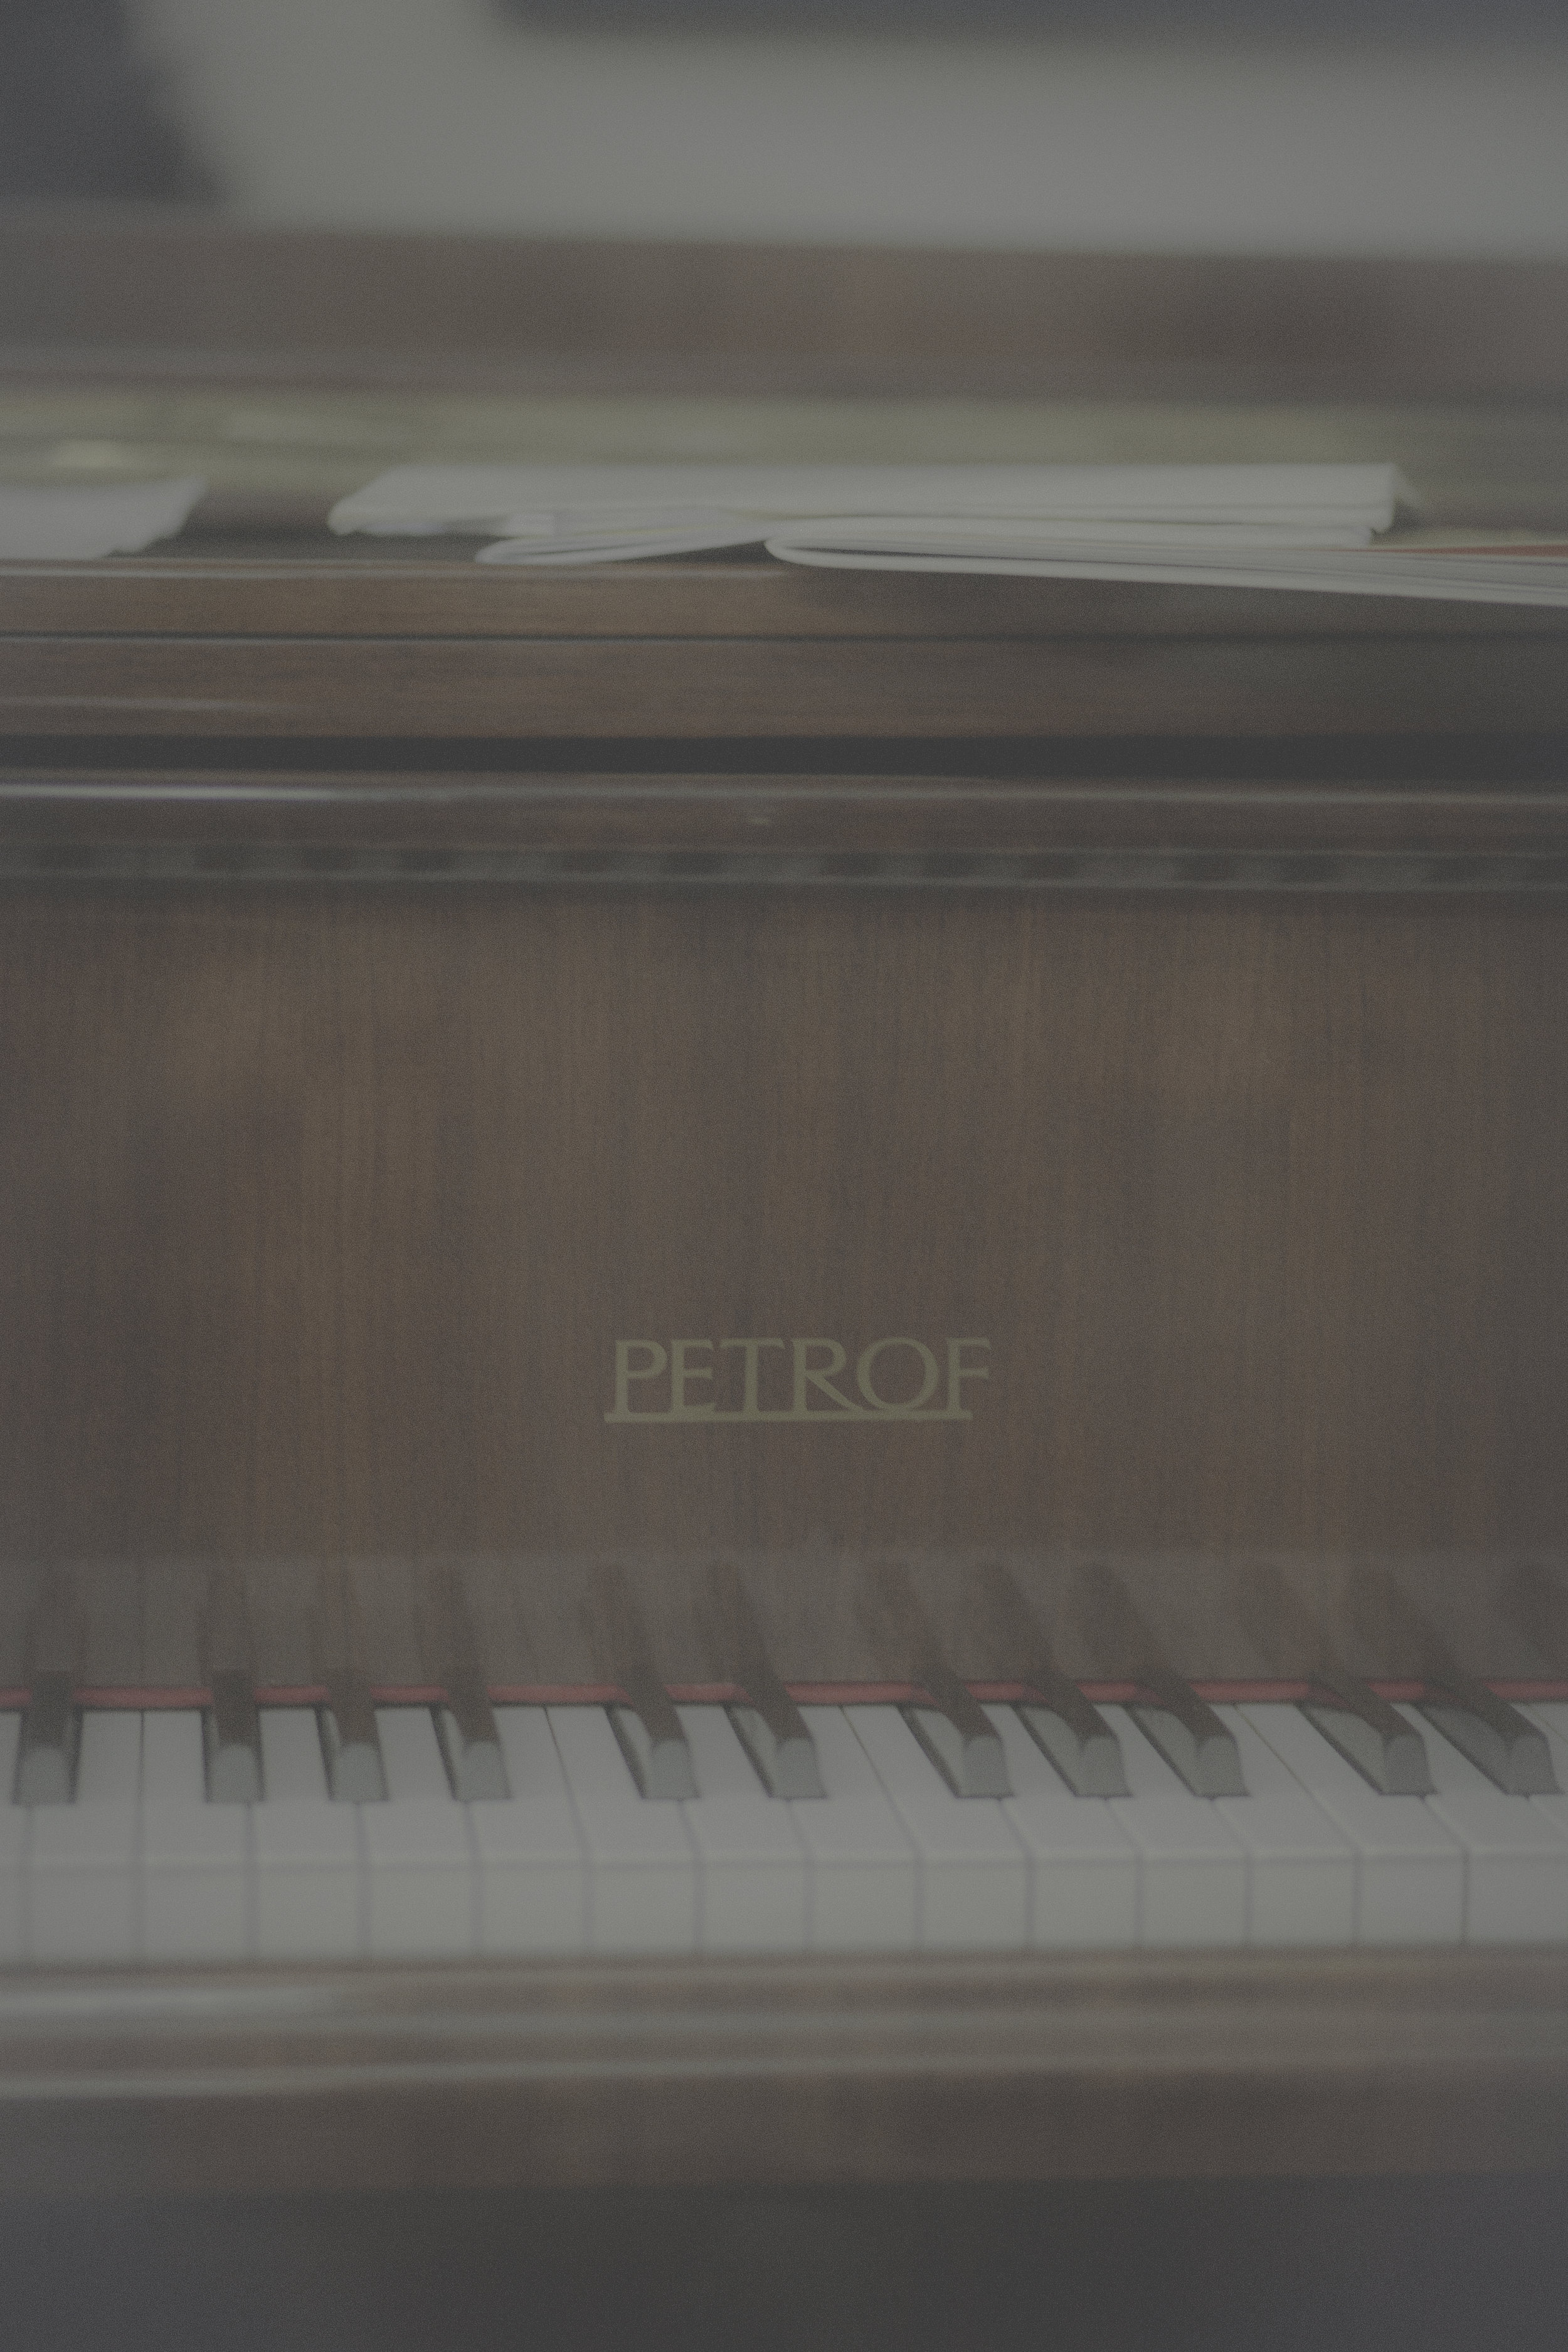 pianopetrof5.jpg